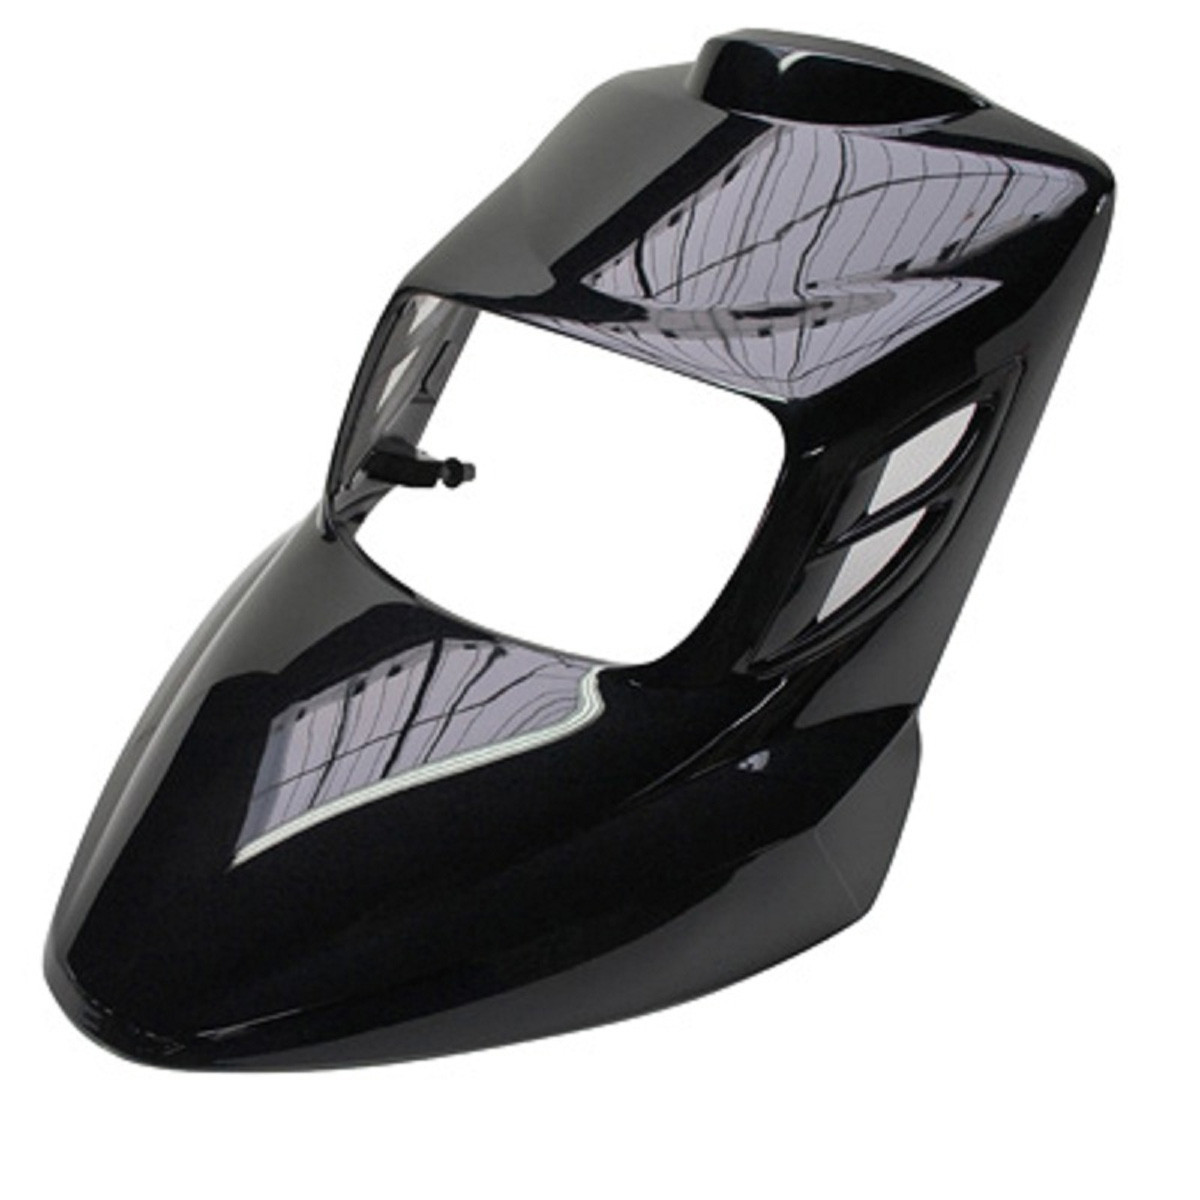 Face avant MBK Booster, Yamaha Bw's à partir de 2004 - BCD Noir